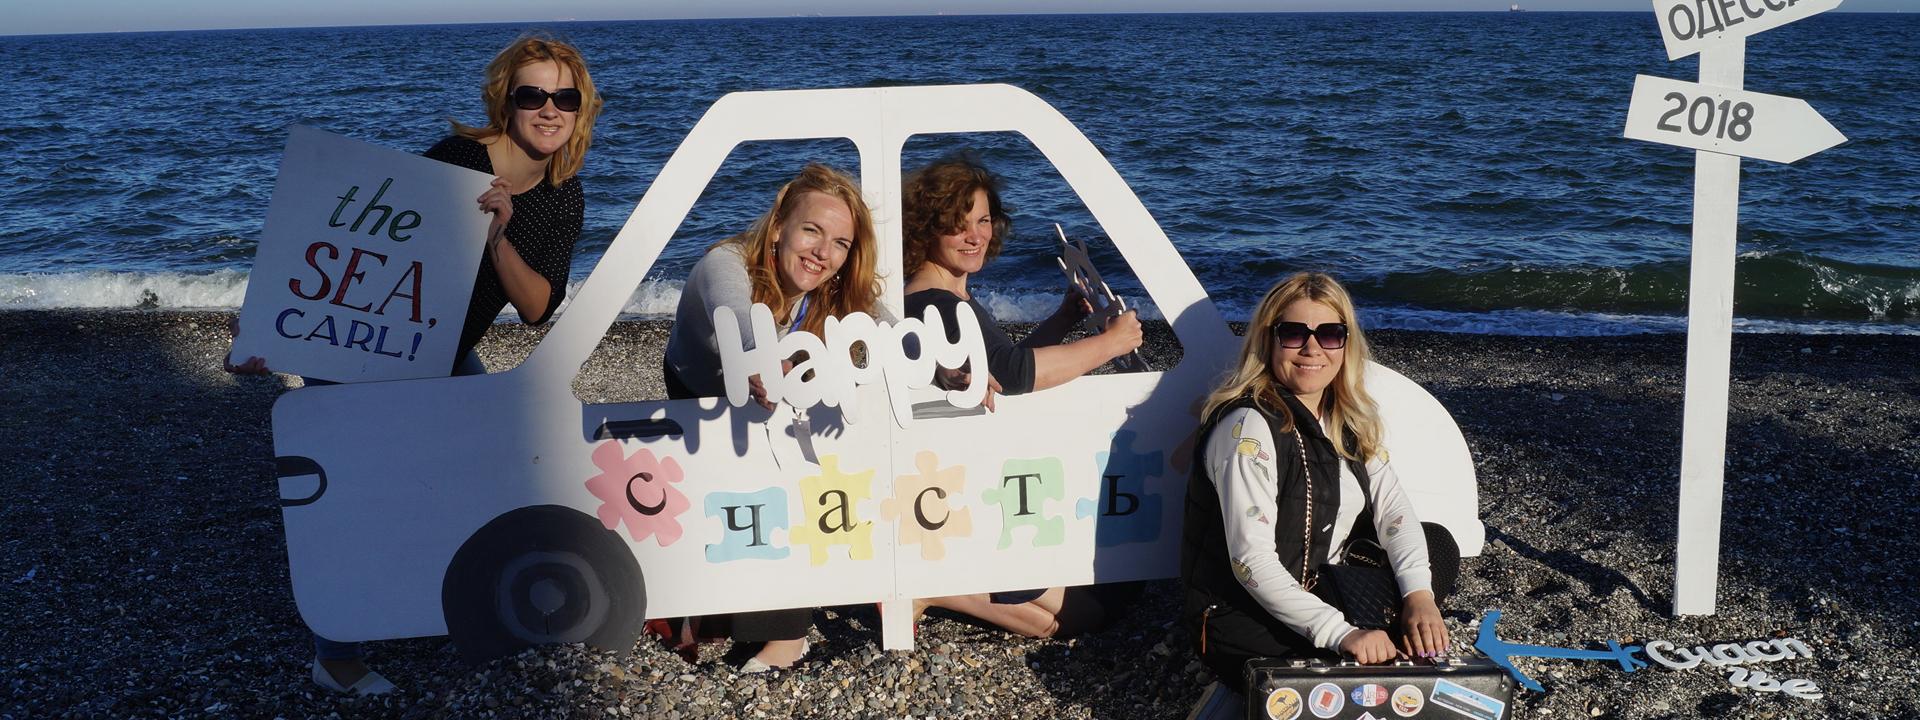 """Христианская конференция """"Счастье"""" прошла в Одессе"""